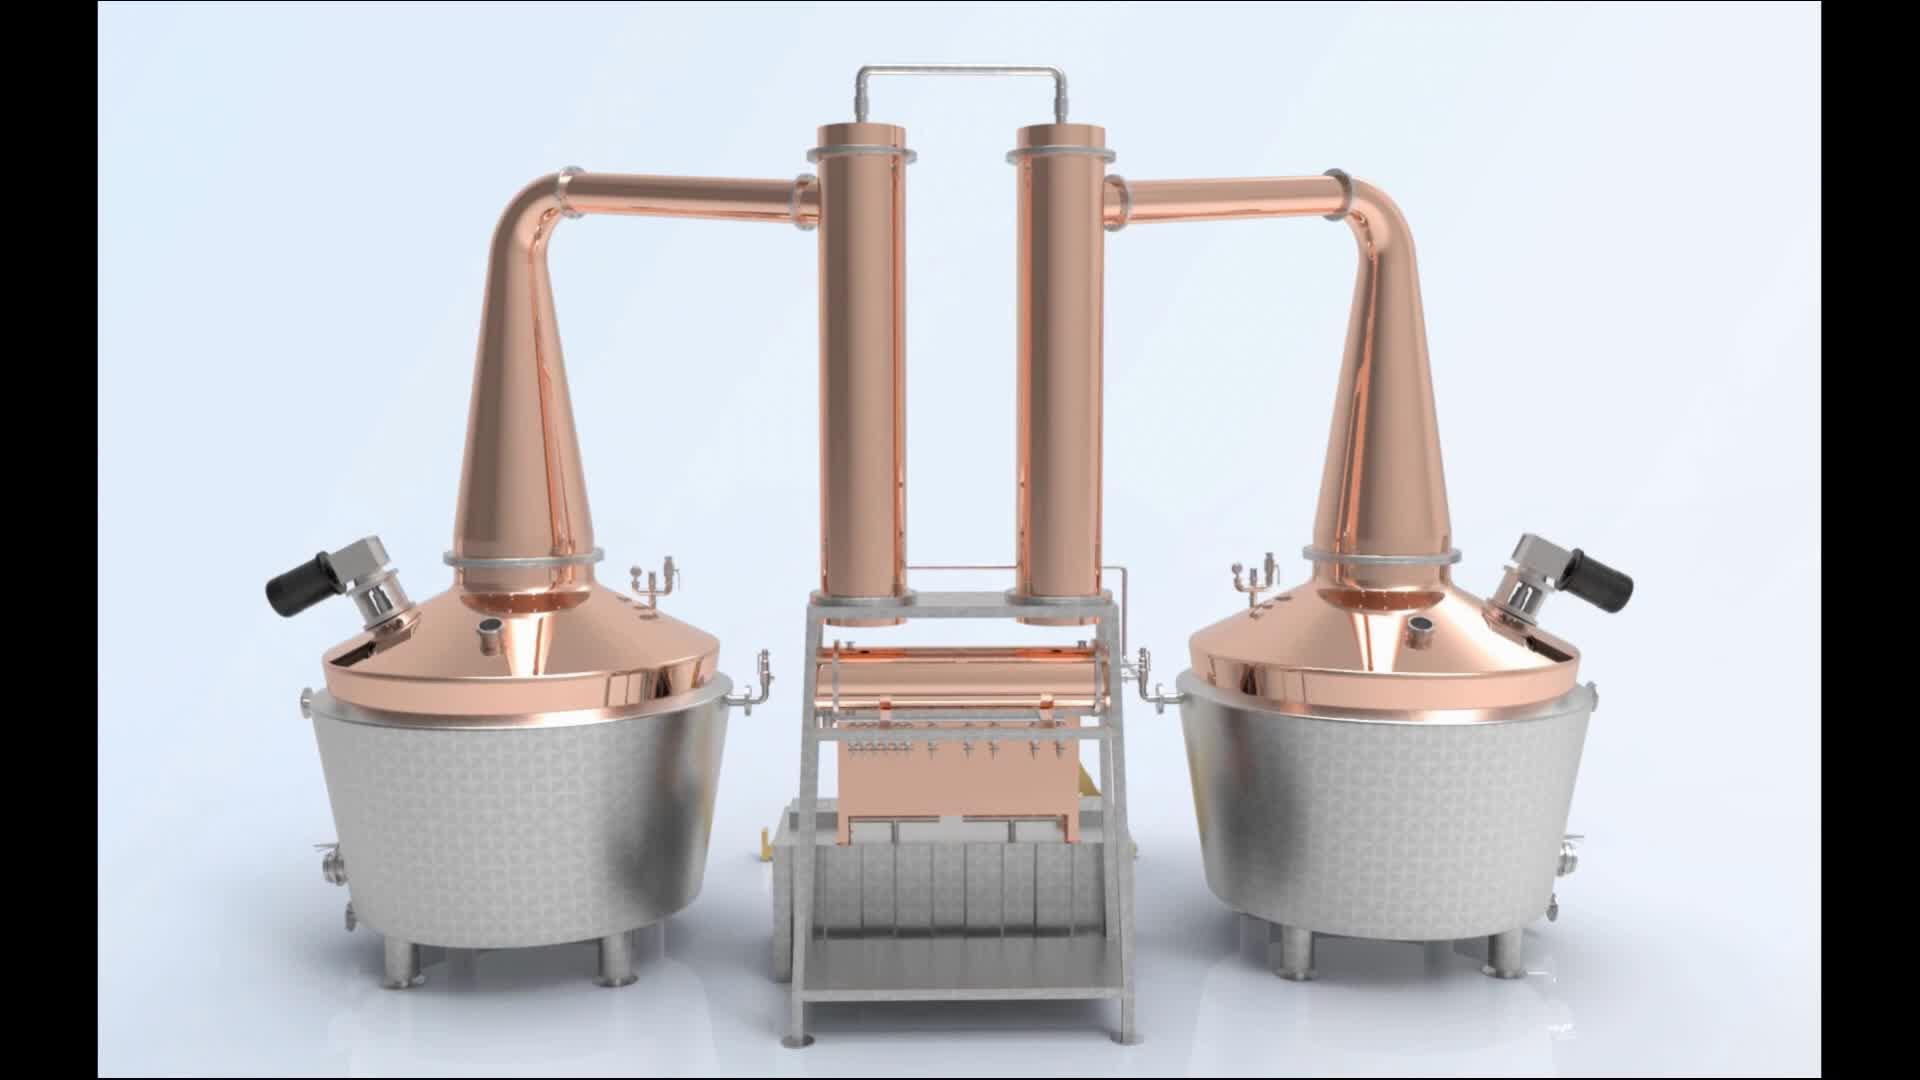 [JiangMan]-3000L-Whiskey Distillery-Grano Distillery Attrezzature-Pentola di Rame Distillatore-Single Malt Singolo Barile di Whisky ancora